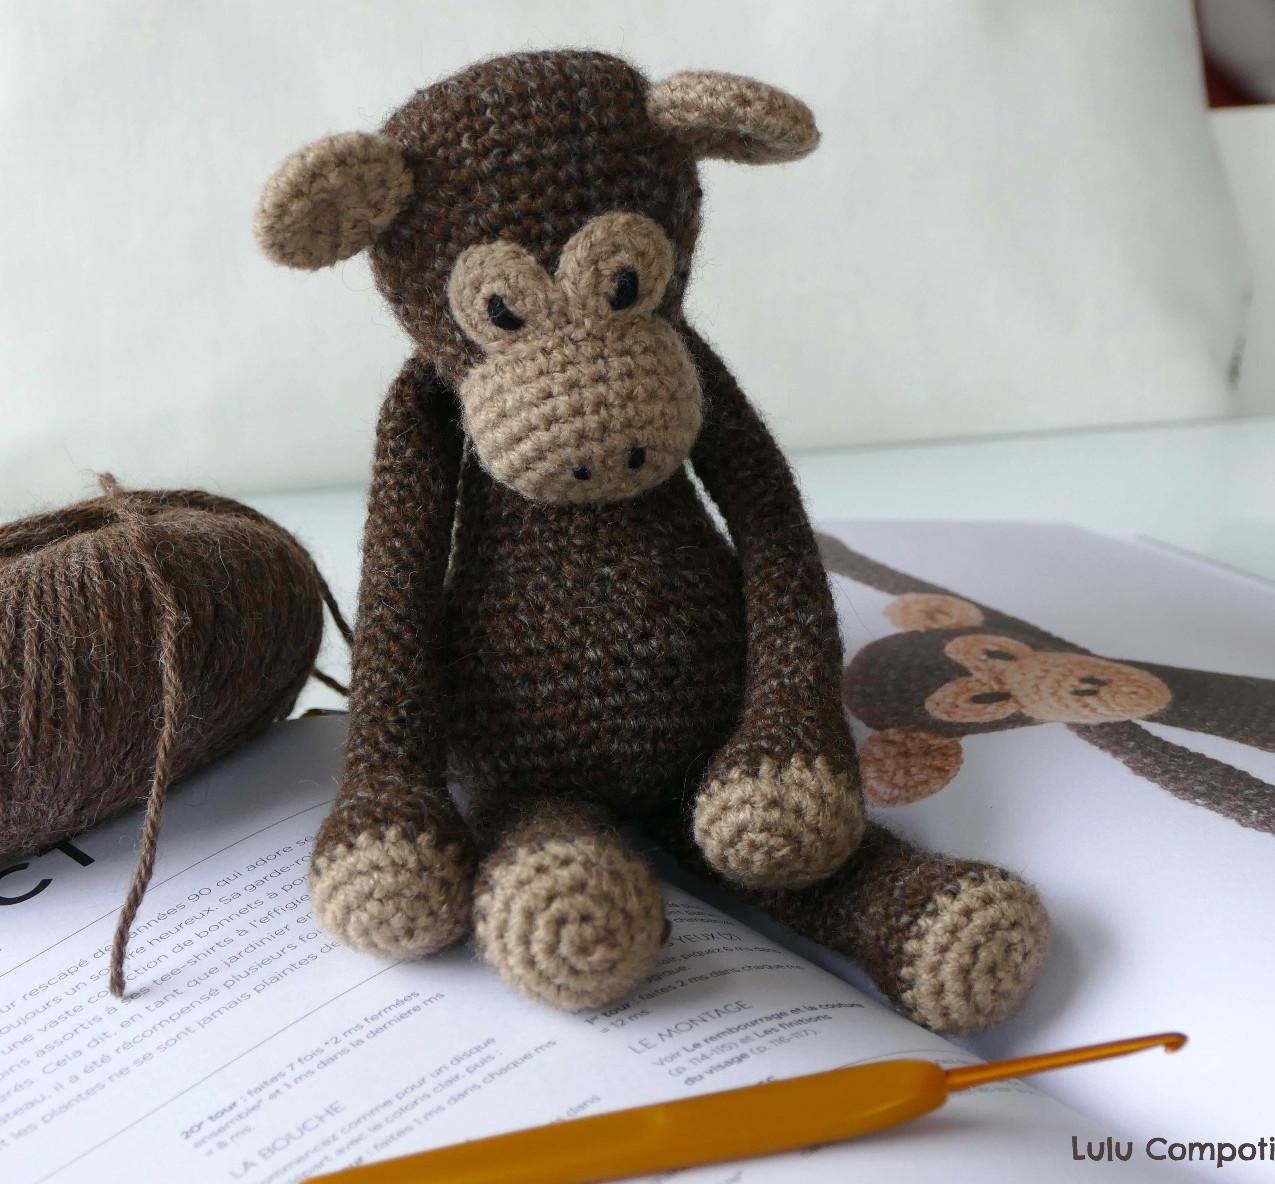 Benedict le chimpanzé